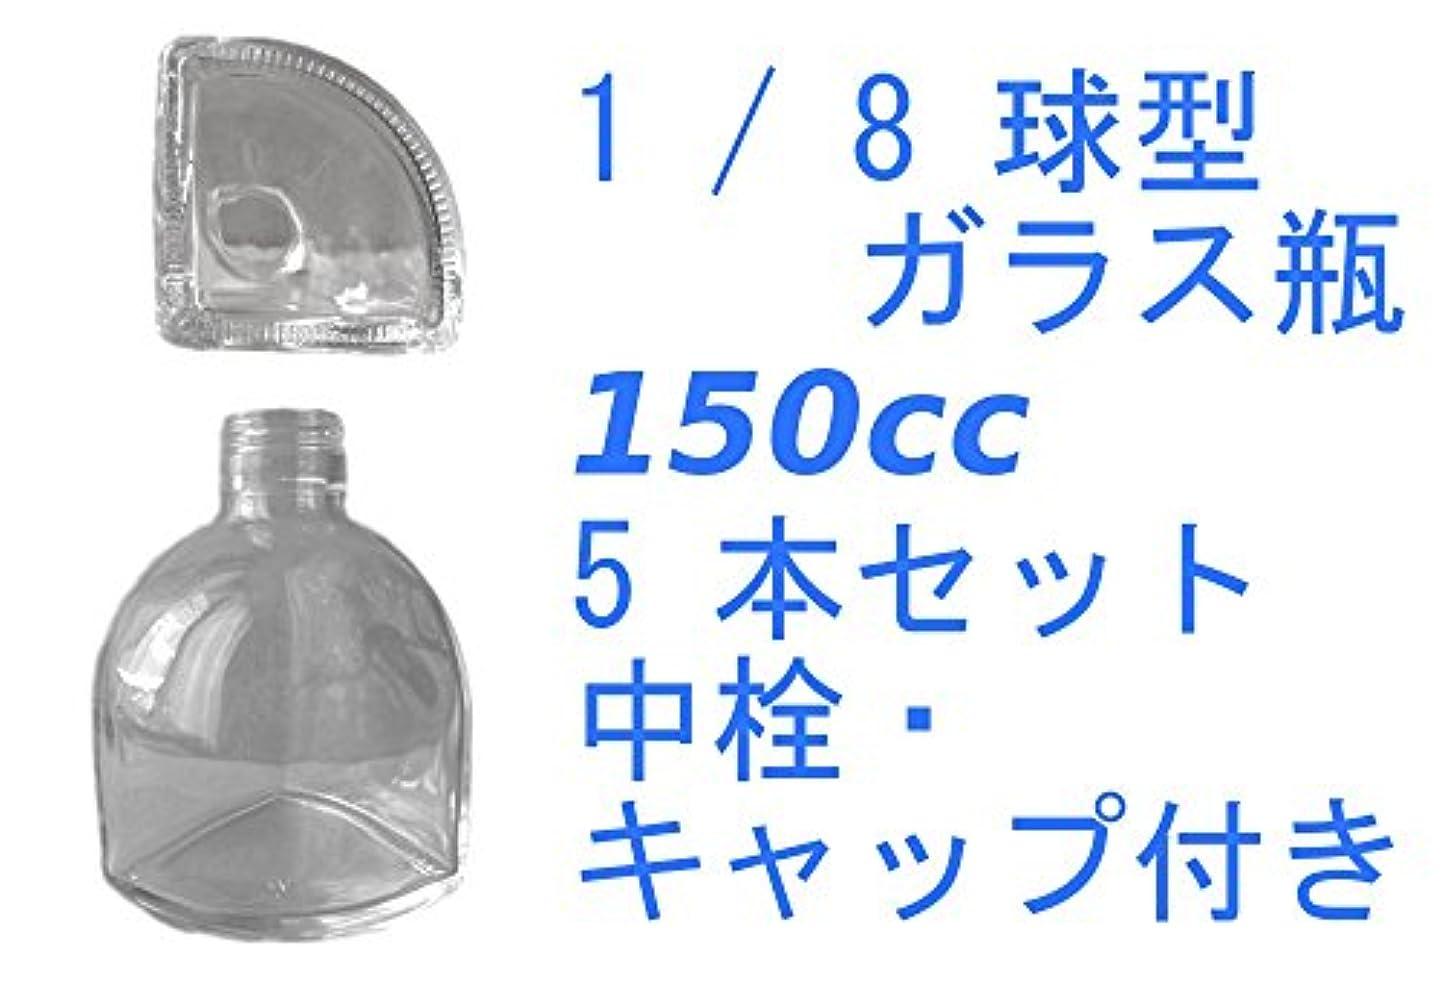 融合ポジティブ火山の(ジャストユーズ)JustU's 日本製 ポリ栓 中栓付き1/8球型ガラス瓶 5本セット 150cc 150ml アロマディフューザー ハーバリウム 調味料 オイル タレ ドレッシング瓶 B5-UDU150A-S